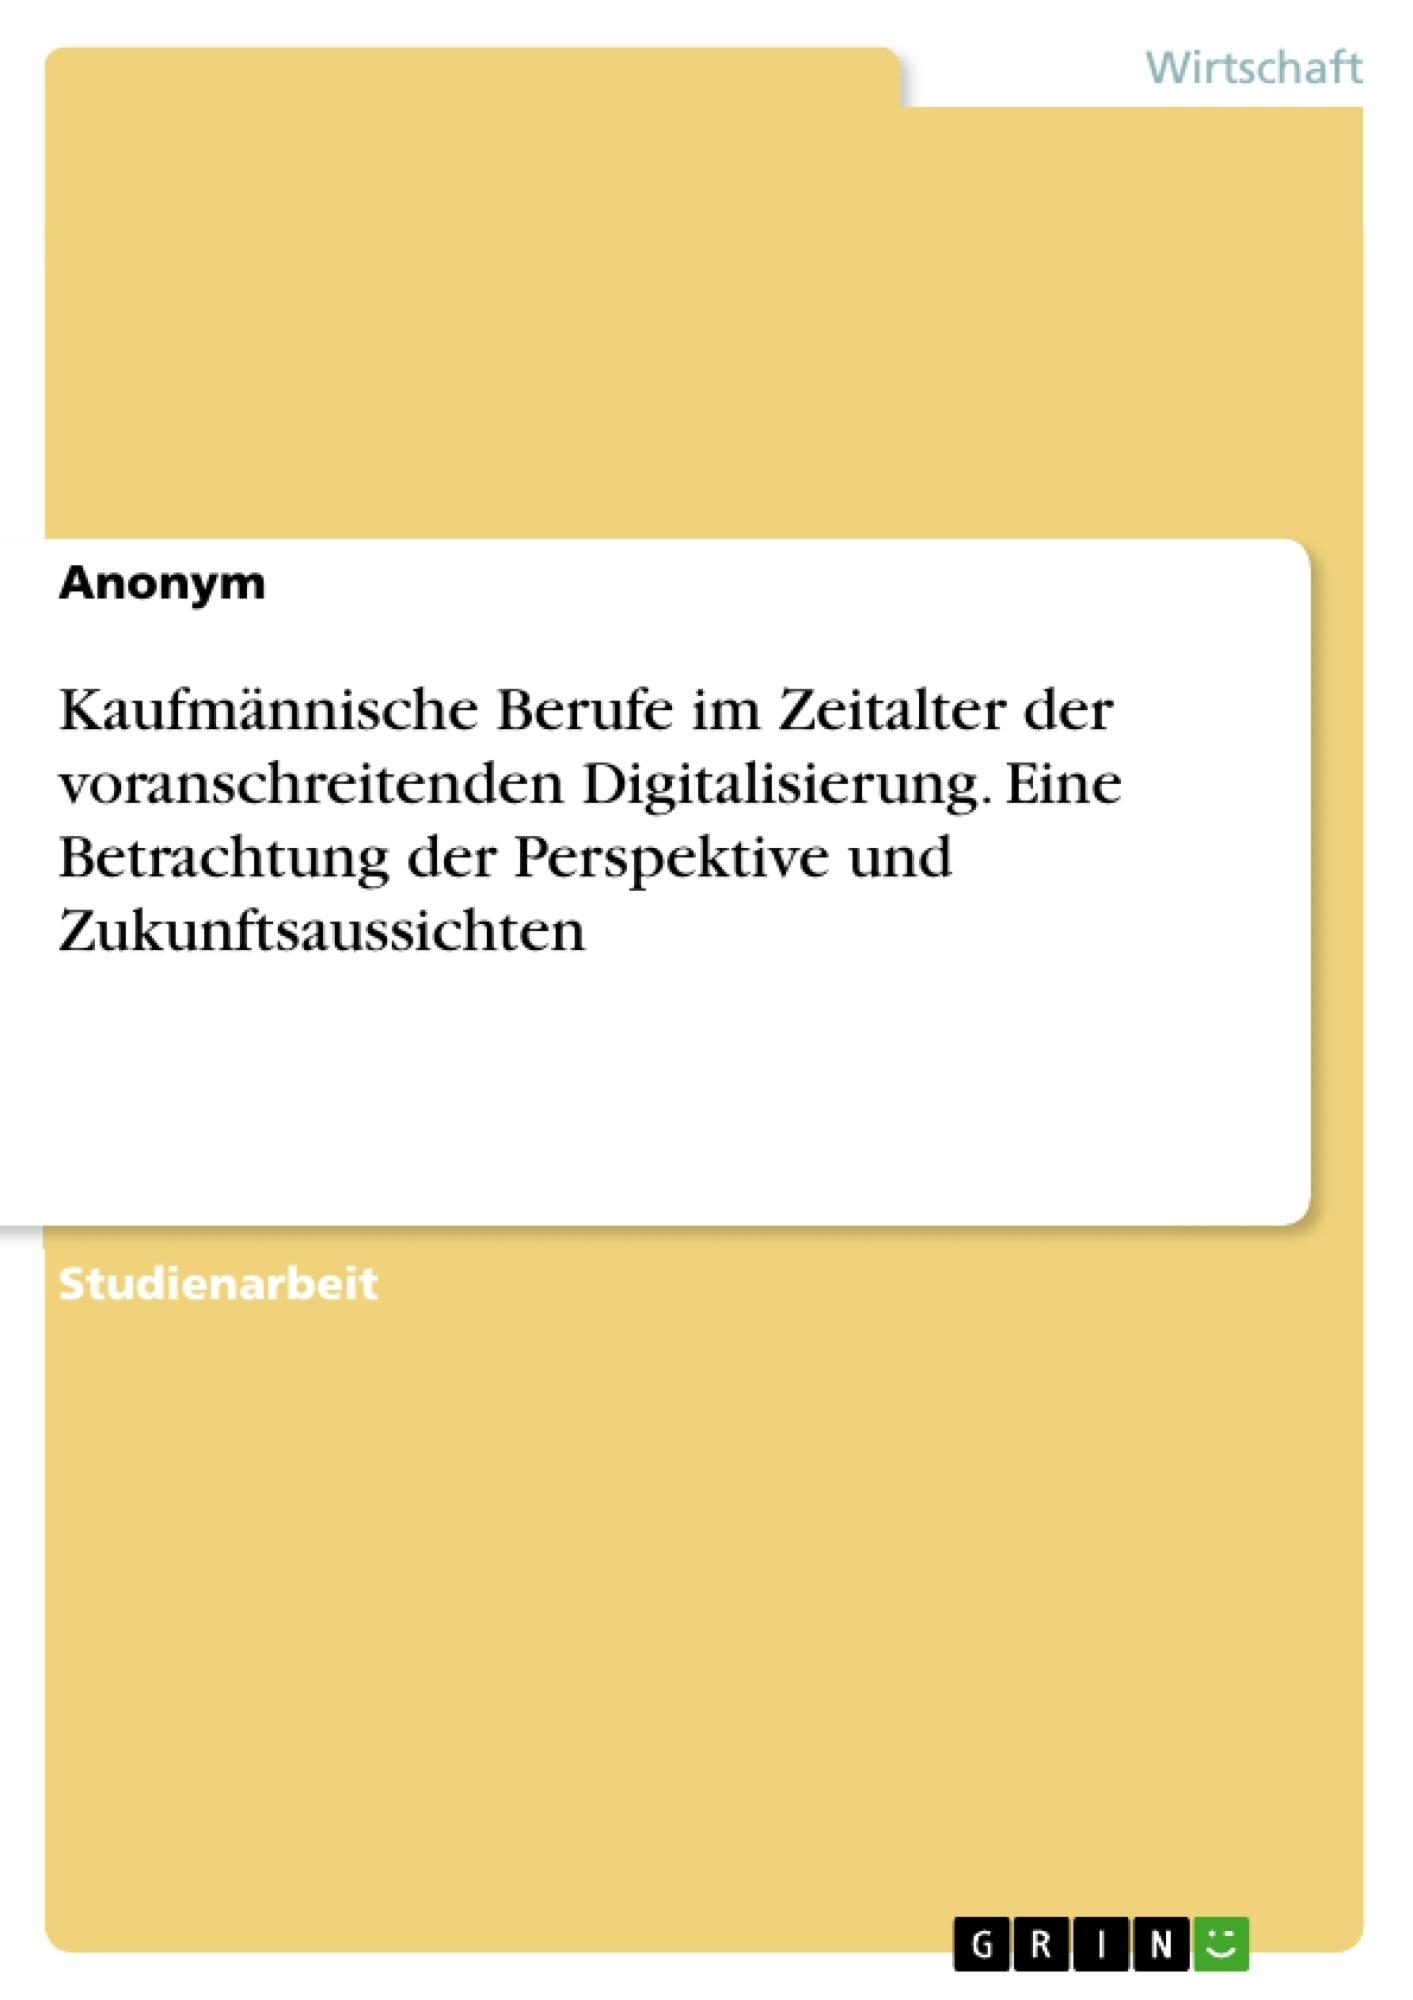 Titel: Kaufmännische Berufe im Zeitalter der voranschreitenden Digitalisierung. Eine Betrachtung der Perspektive und Zukunftsaussichten